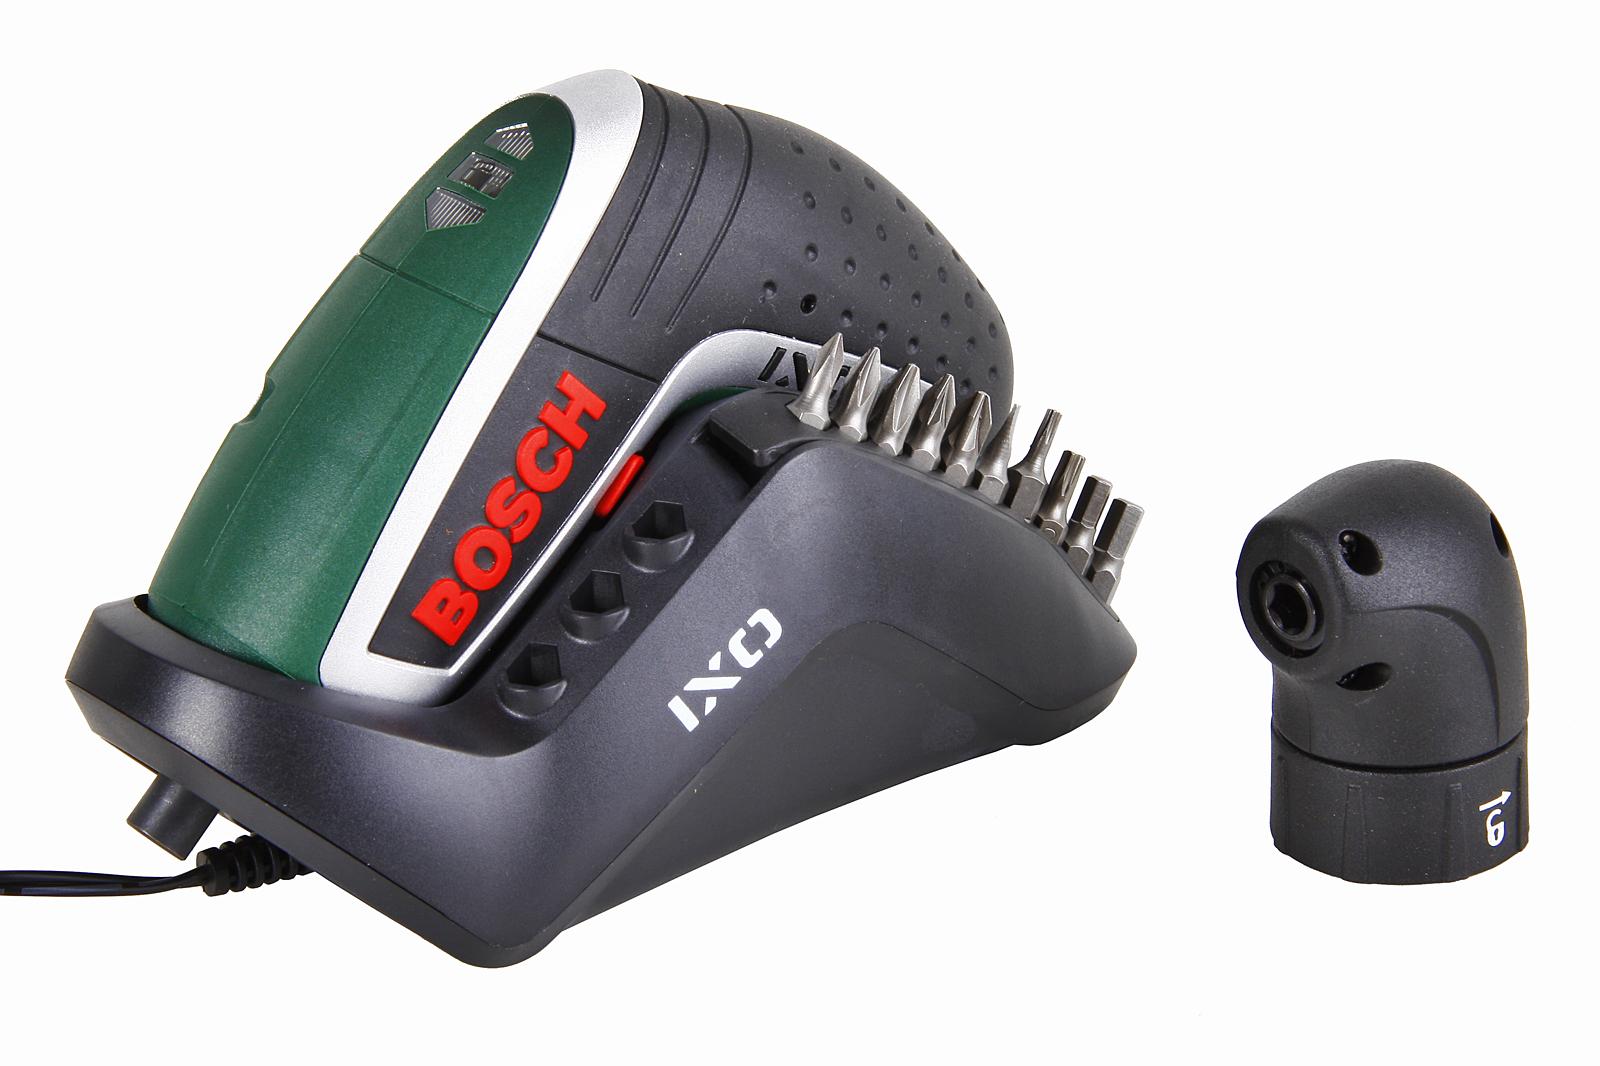 Отвертка аккумуляторная Bosch Ixo iv medium upgrade